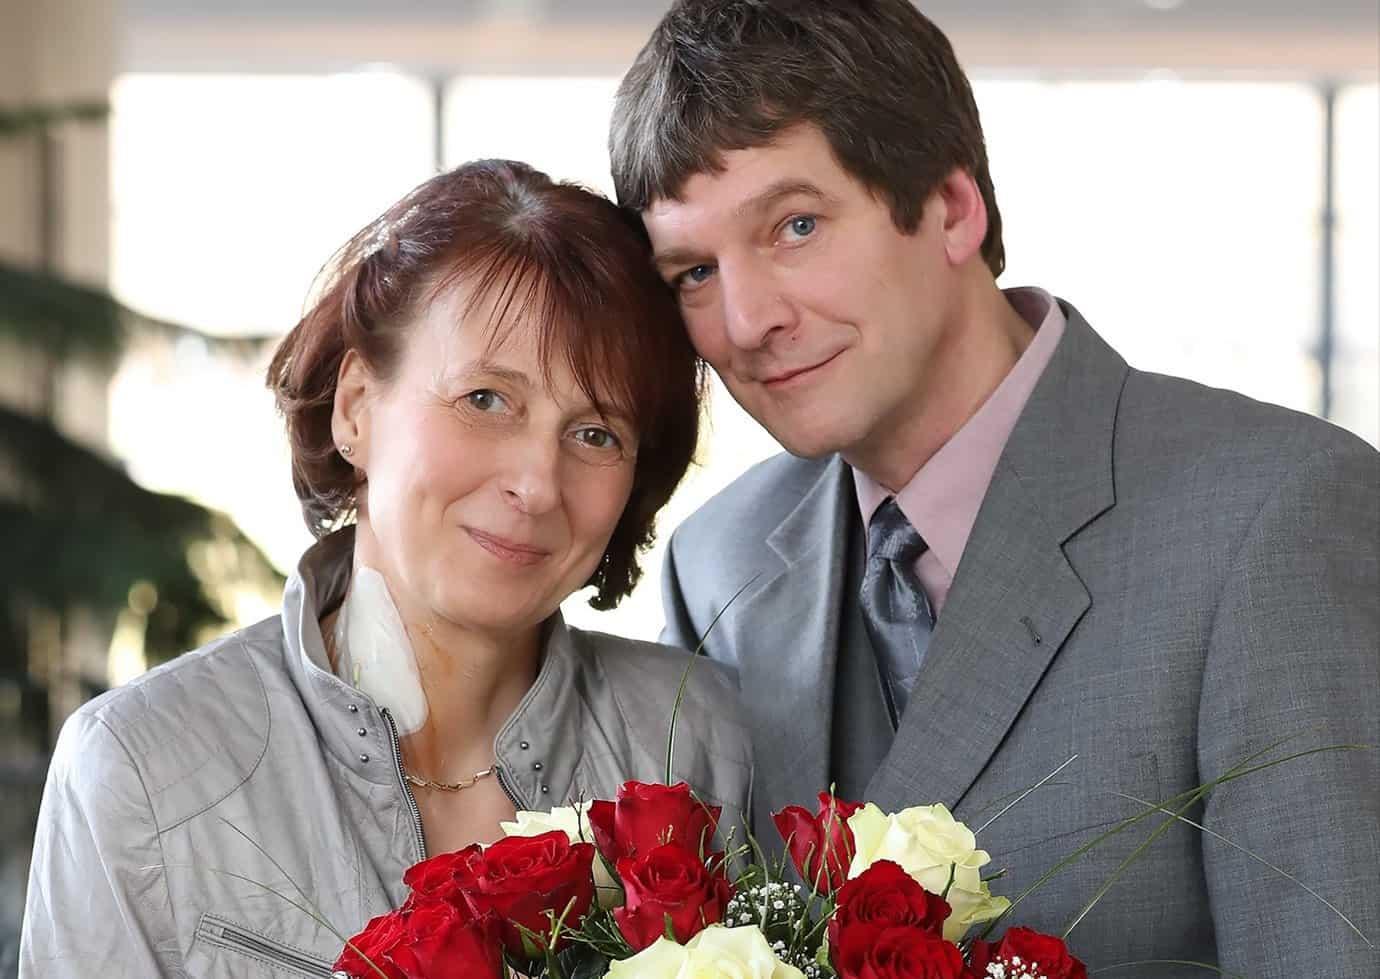 Hochzeit im Helios Klinikum Berlin-Buch: Für die Liebe ist es nie zu ...